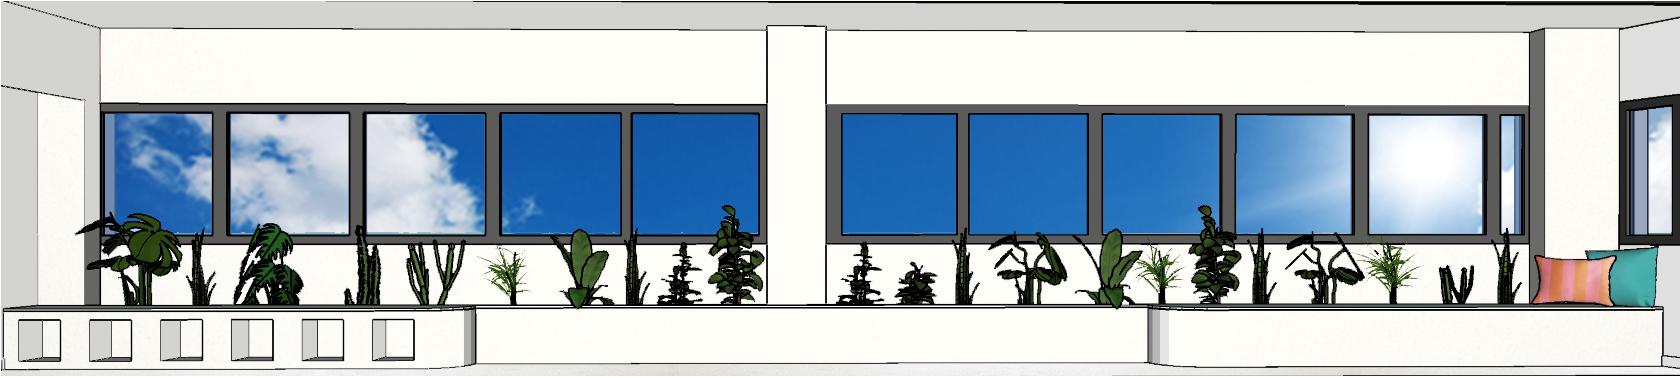 linéaire végétal jardin intérieur agencement architecture d'intérieur rénovation travaux décoration pièce à vivre urban jungle